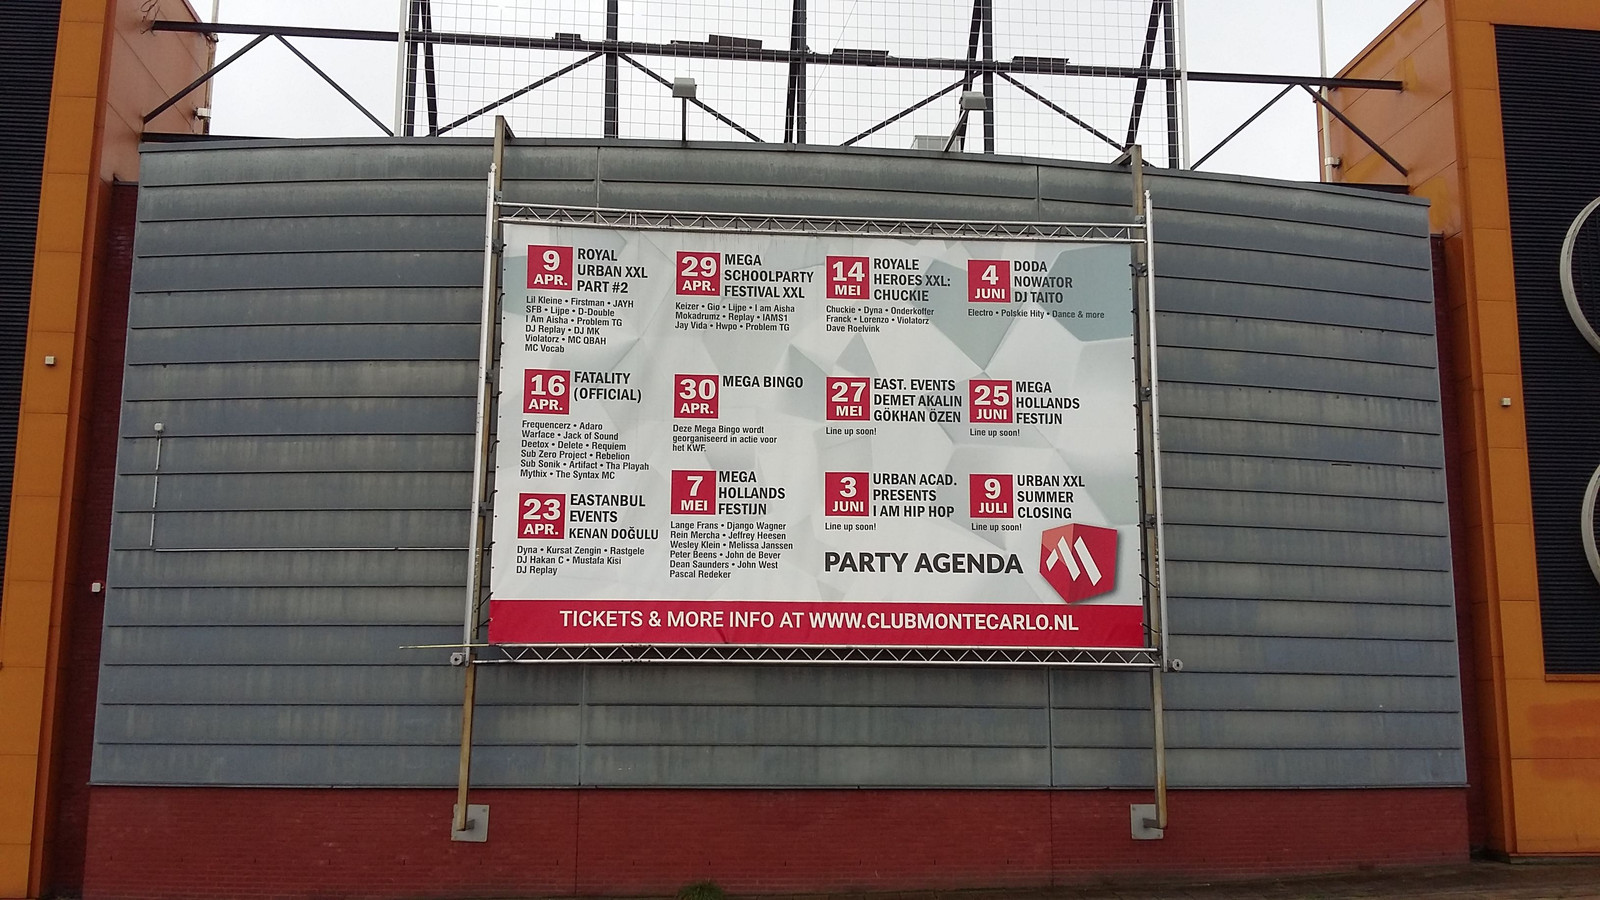 De partykalender van april aan de gevel van Club Monte Carlo.